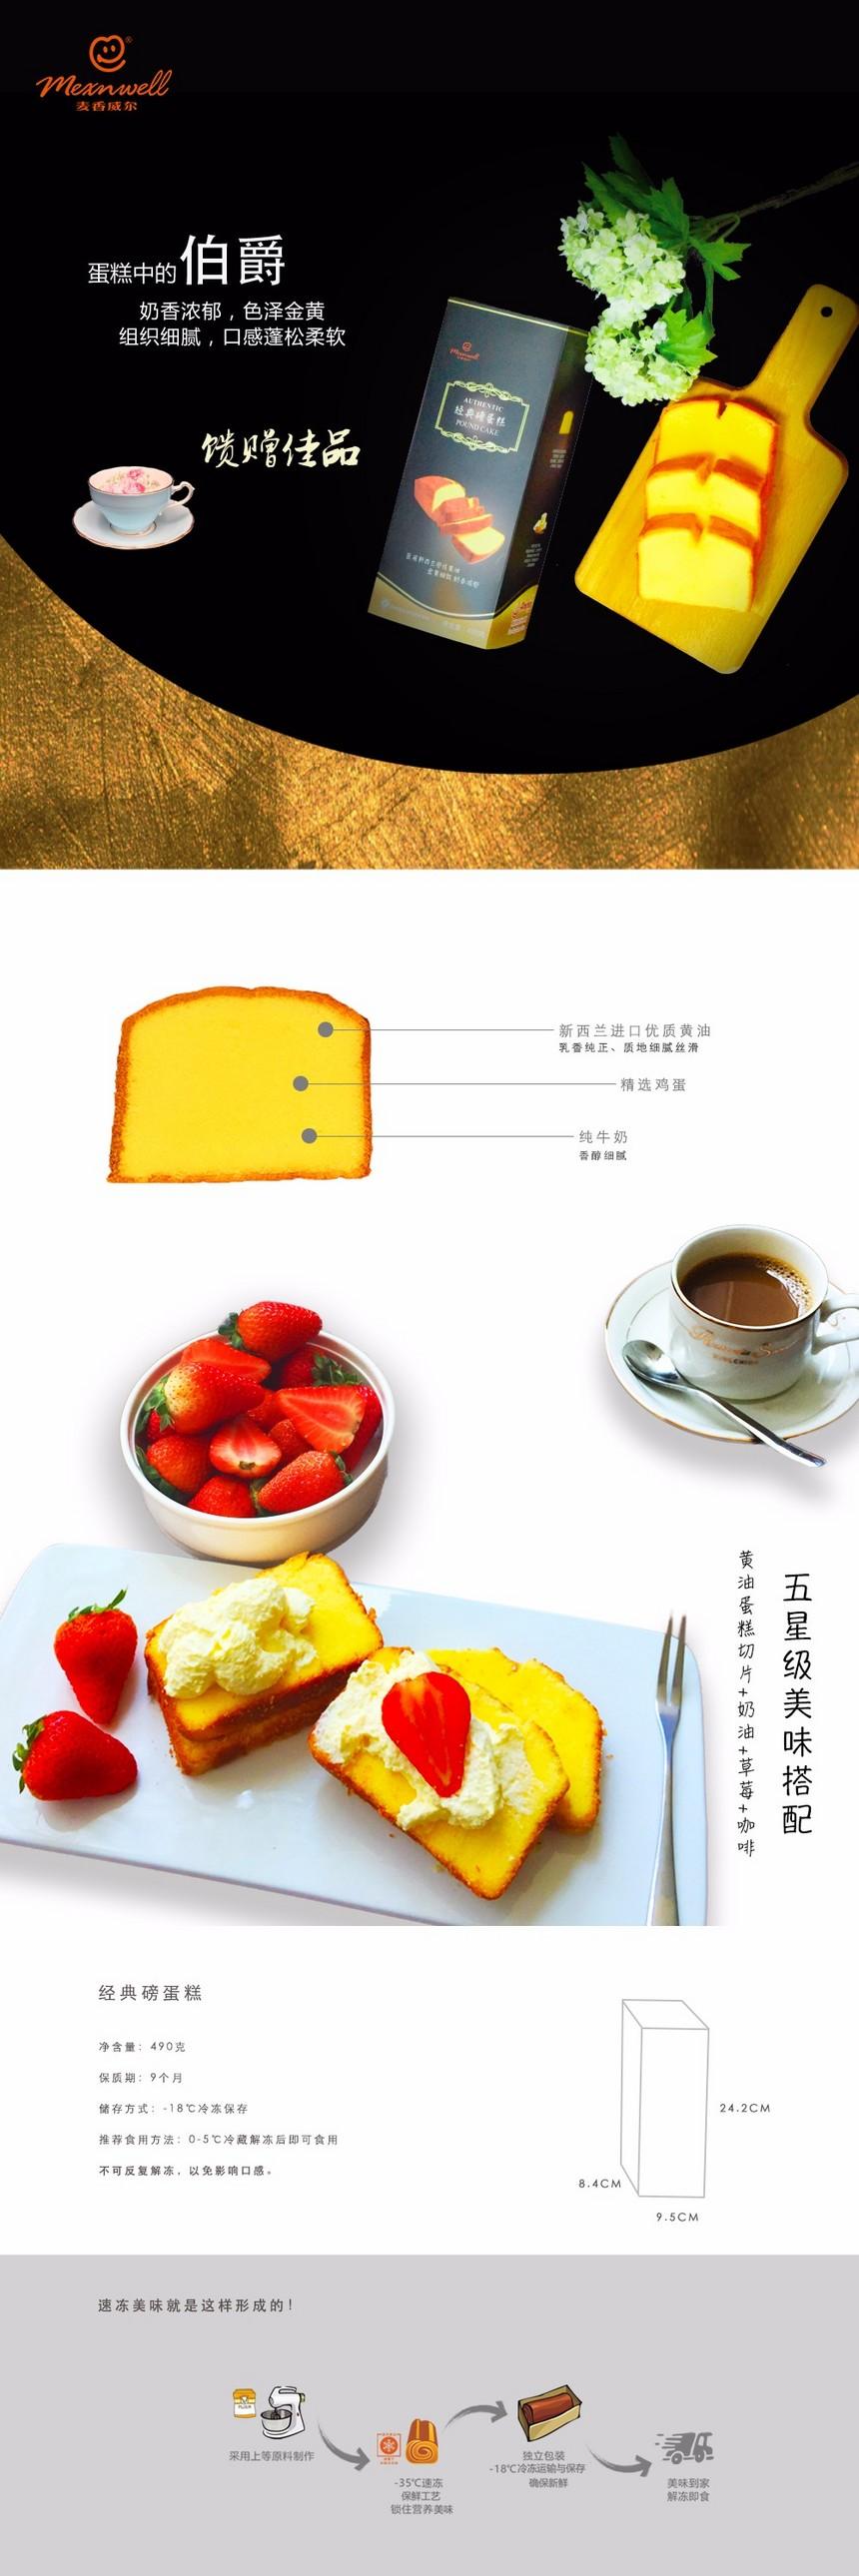 黄油蛋糕详情页-修改.jpg